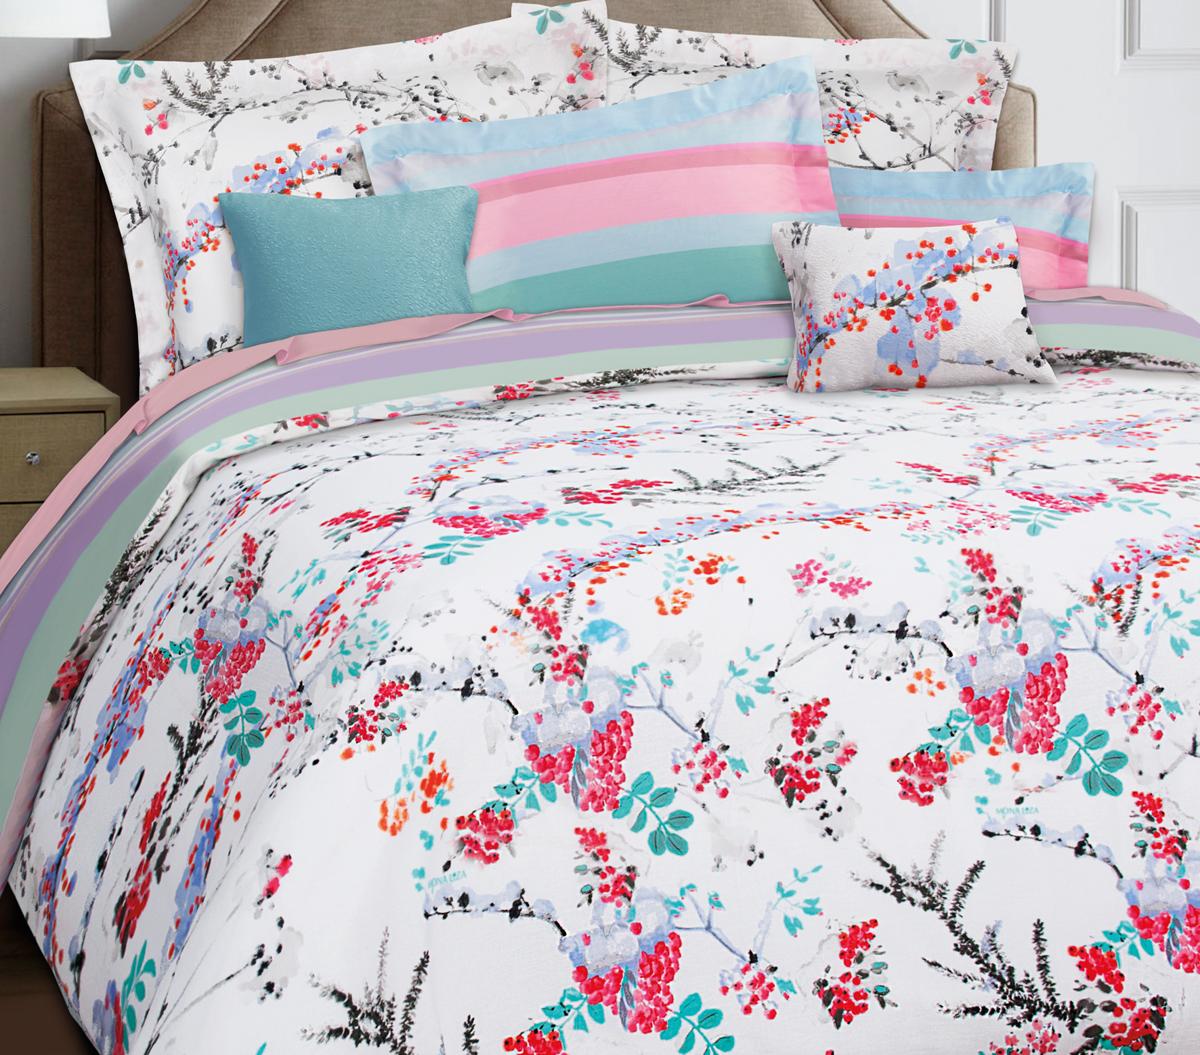 Комплект белья Mona Liza Premium Atelier 4 Seasons, семейный, наволочки 50х70, 70х70. 5045-004 комплект полутораспальный mona liza nensy